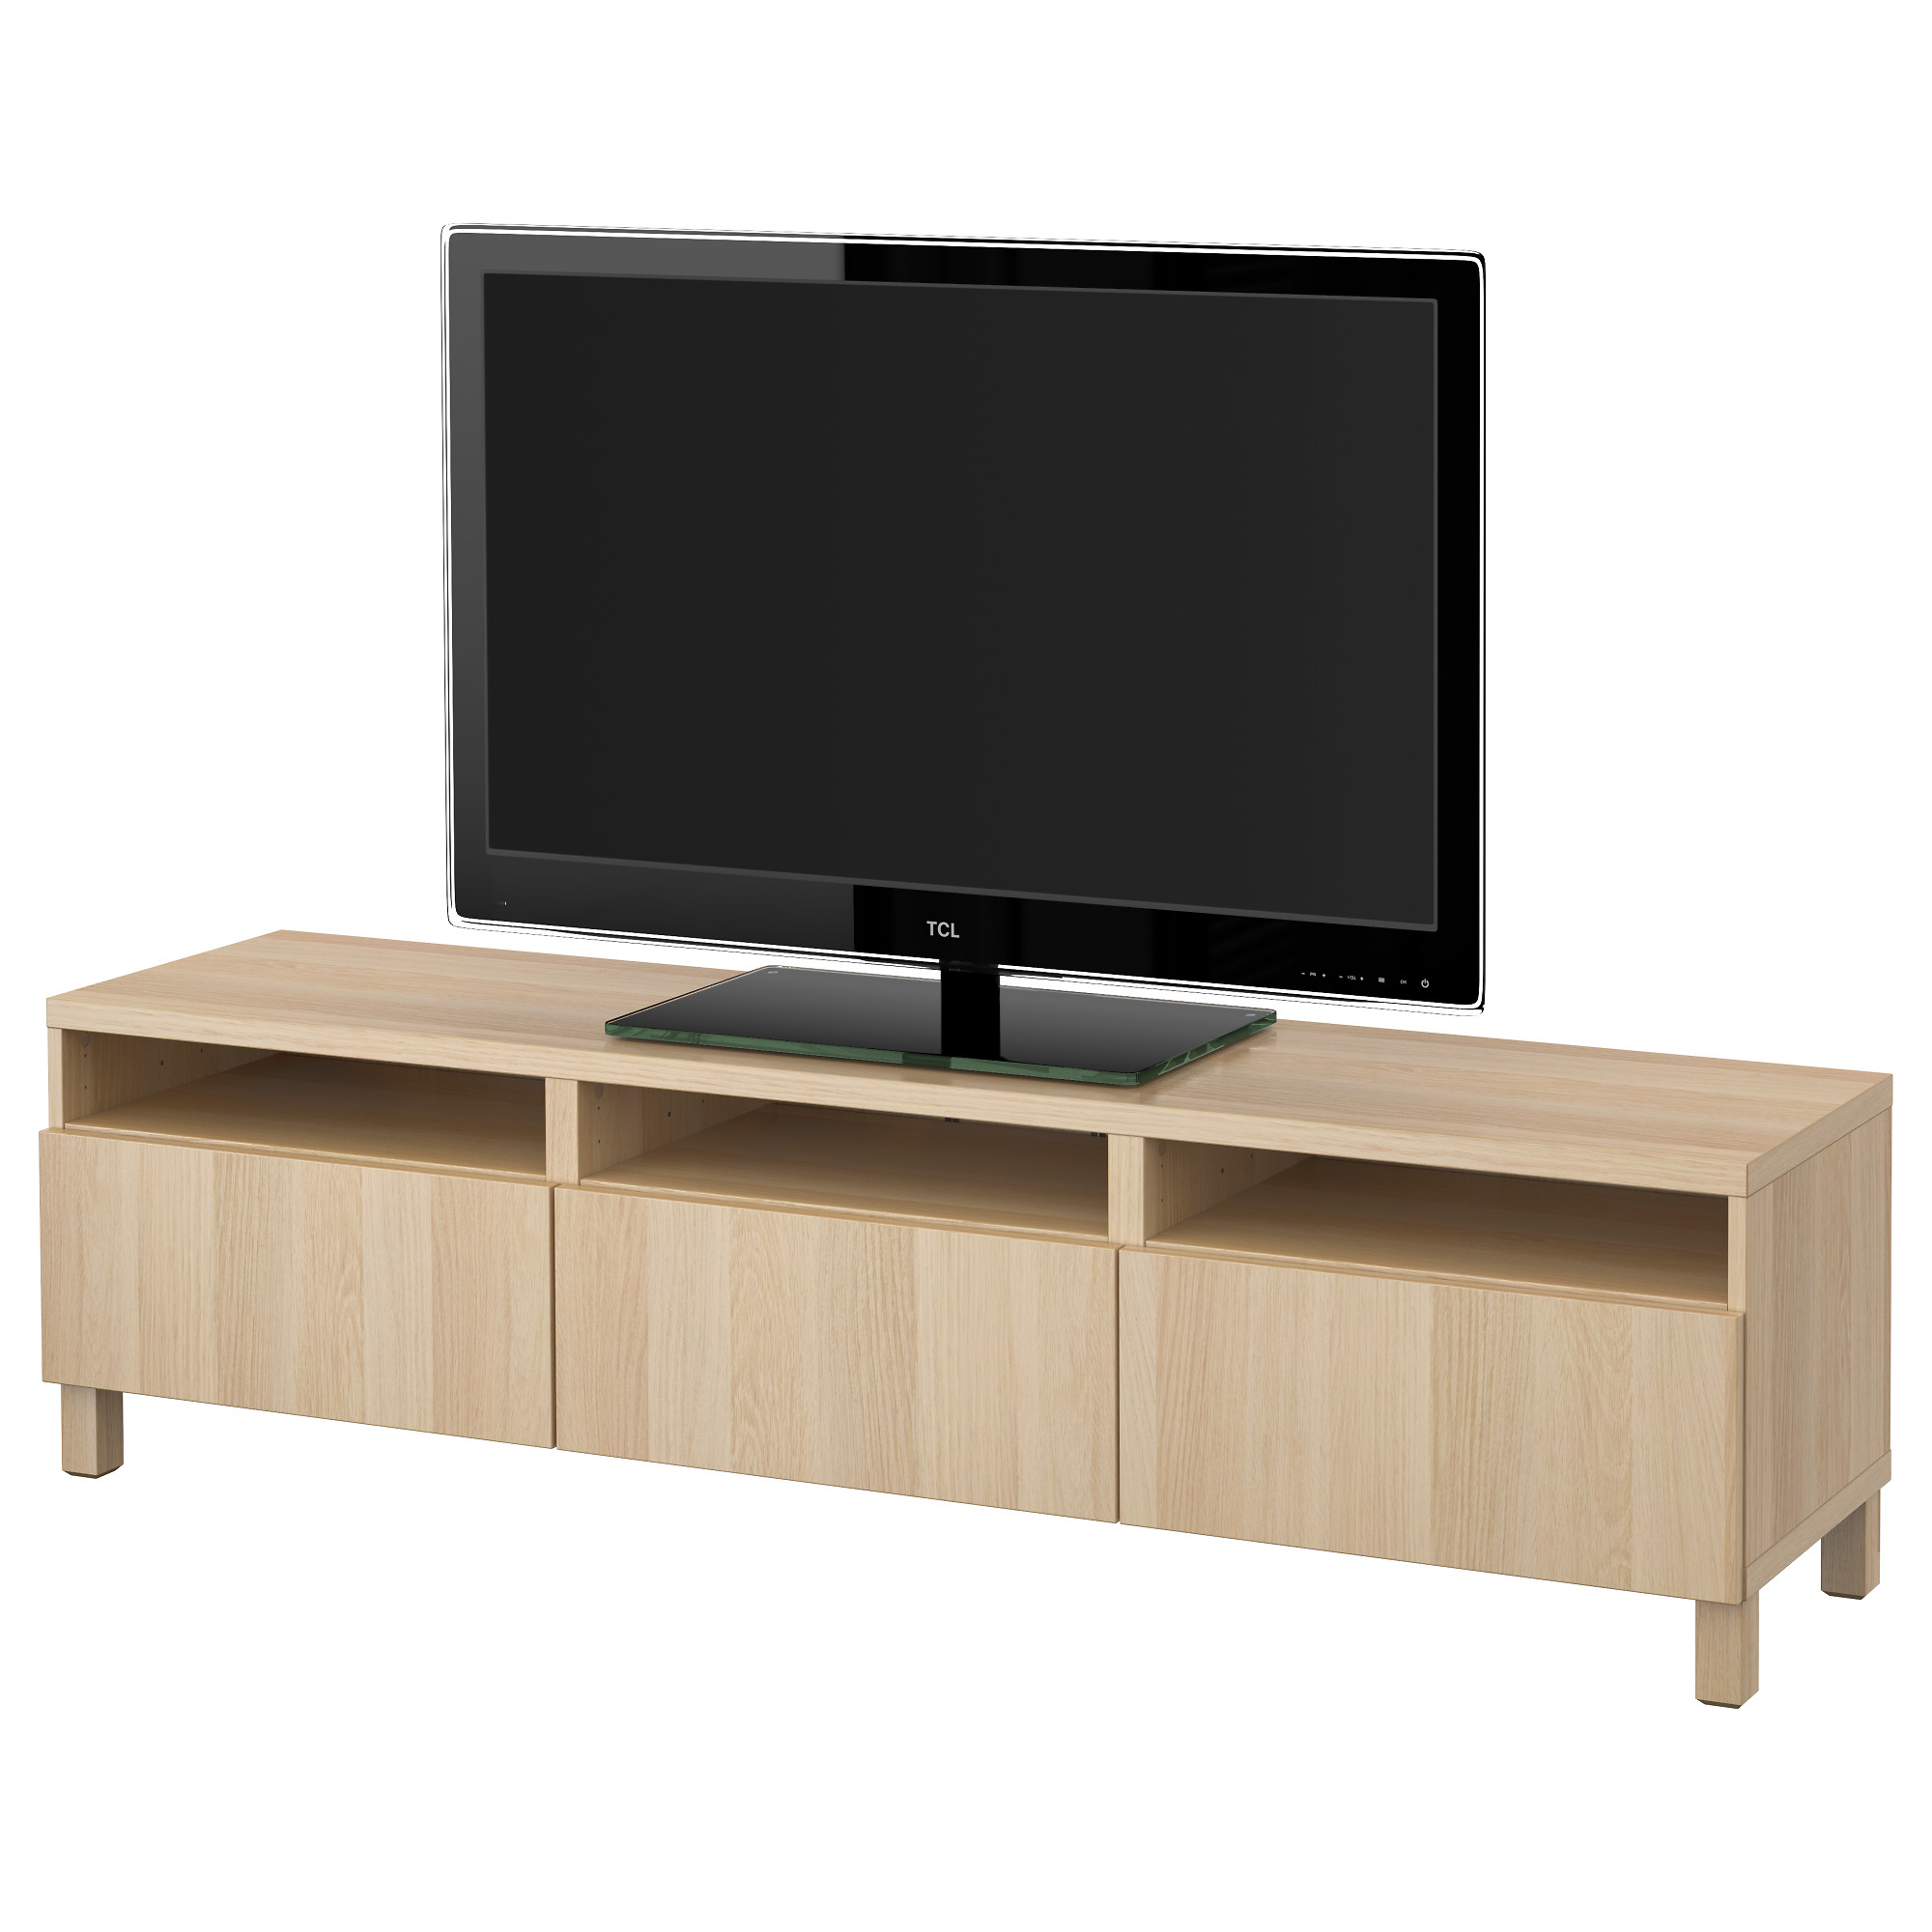 Тумба для ТВ с ящиками БЕСТО, Лаппвикен под беленый дуб (180x40x48 см)